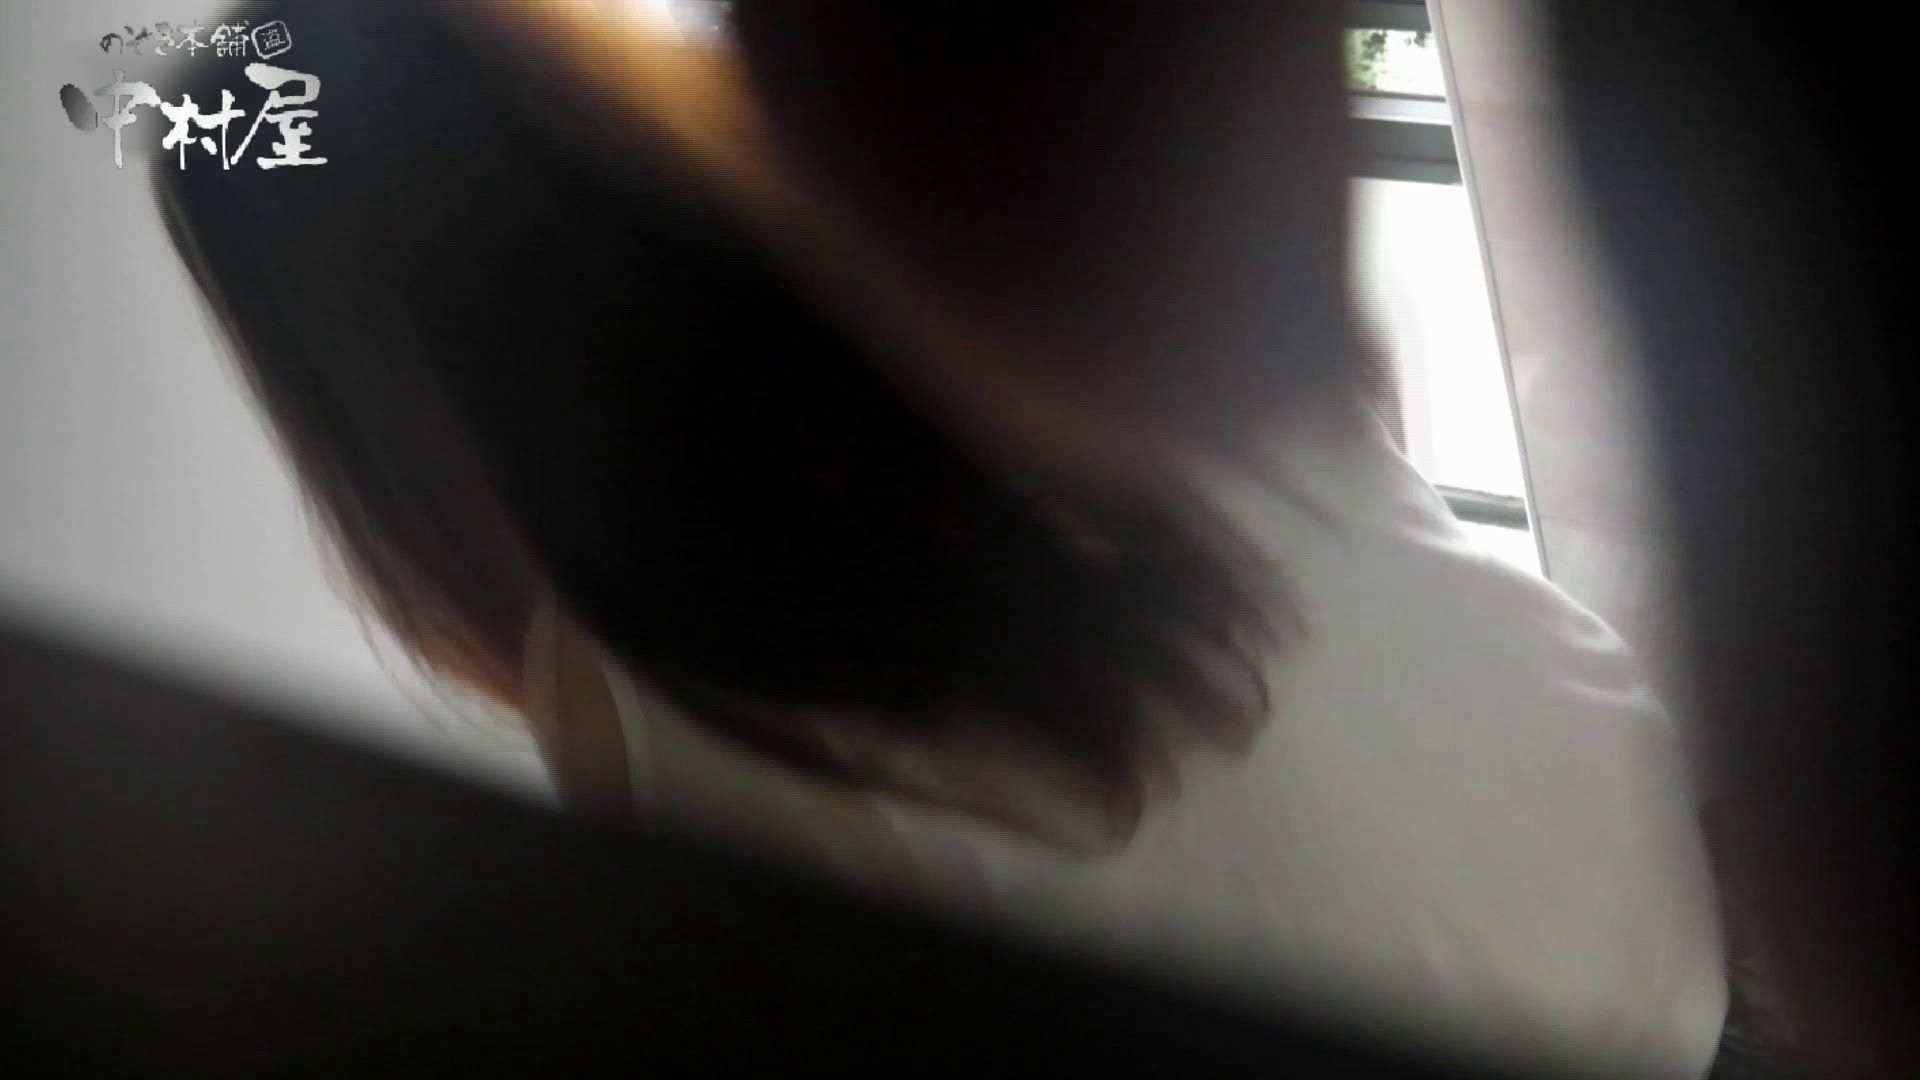 【世界の射窓から~ステーション編~】ステーション編 vol52 我慢して個室に入ったら。||:-)!! 盗撮特集 | おまんこ  79画像 12